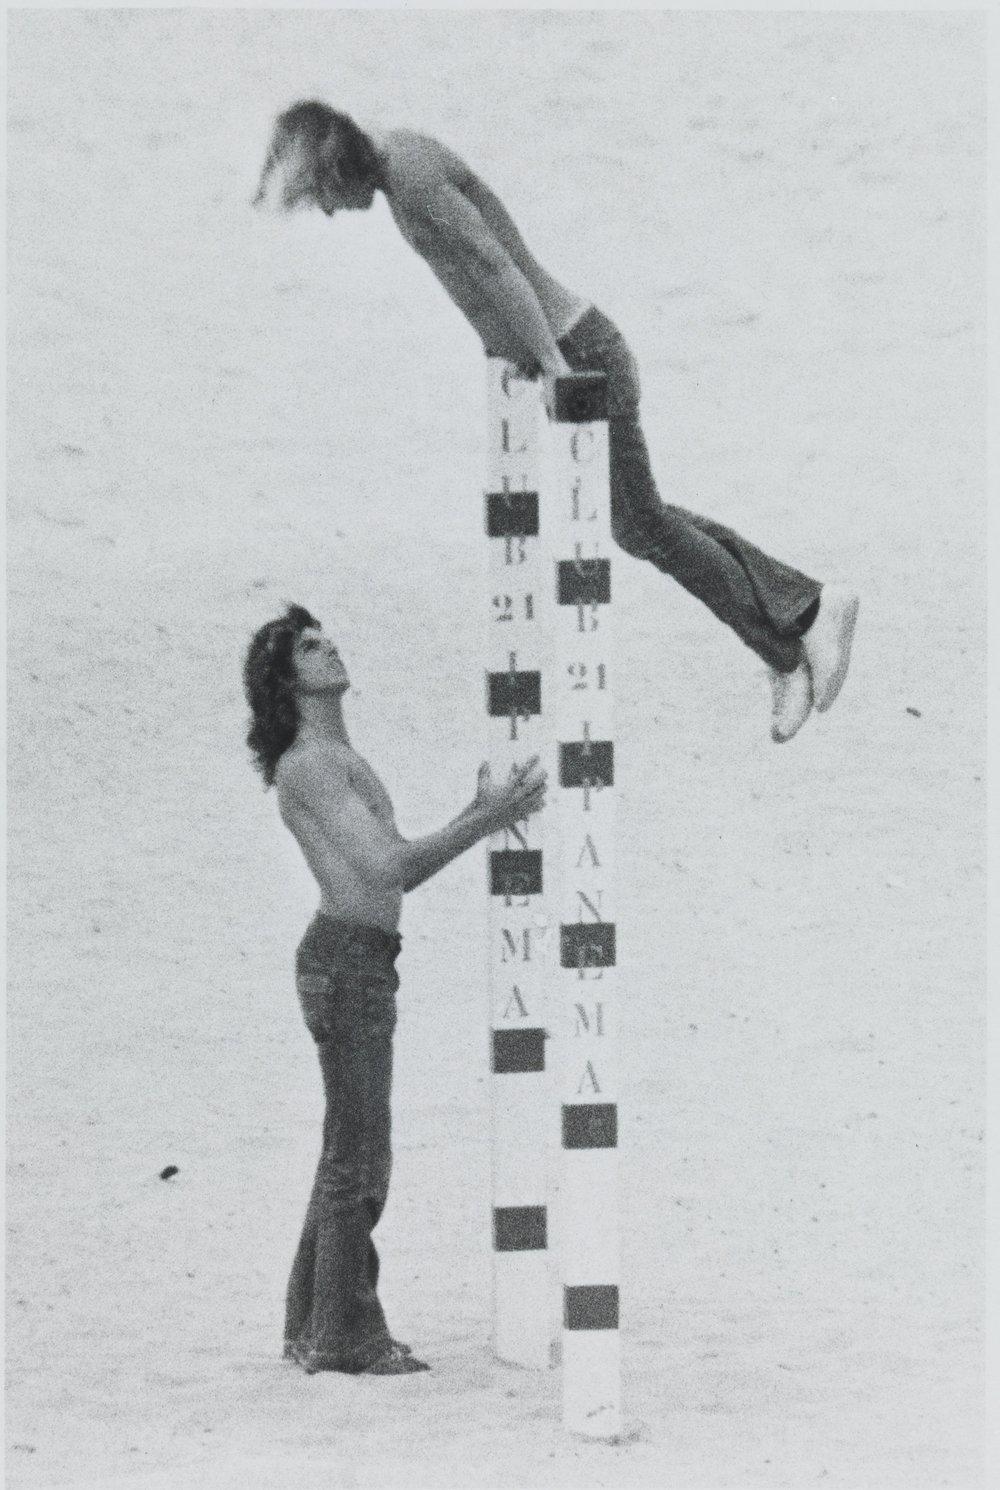 Alair Gomes, série Sonatinas, Four Feet, 1970-1980, fotografia, 17,2 x 11 cm